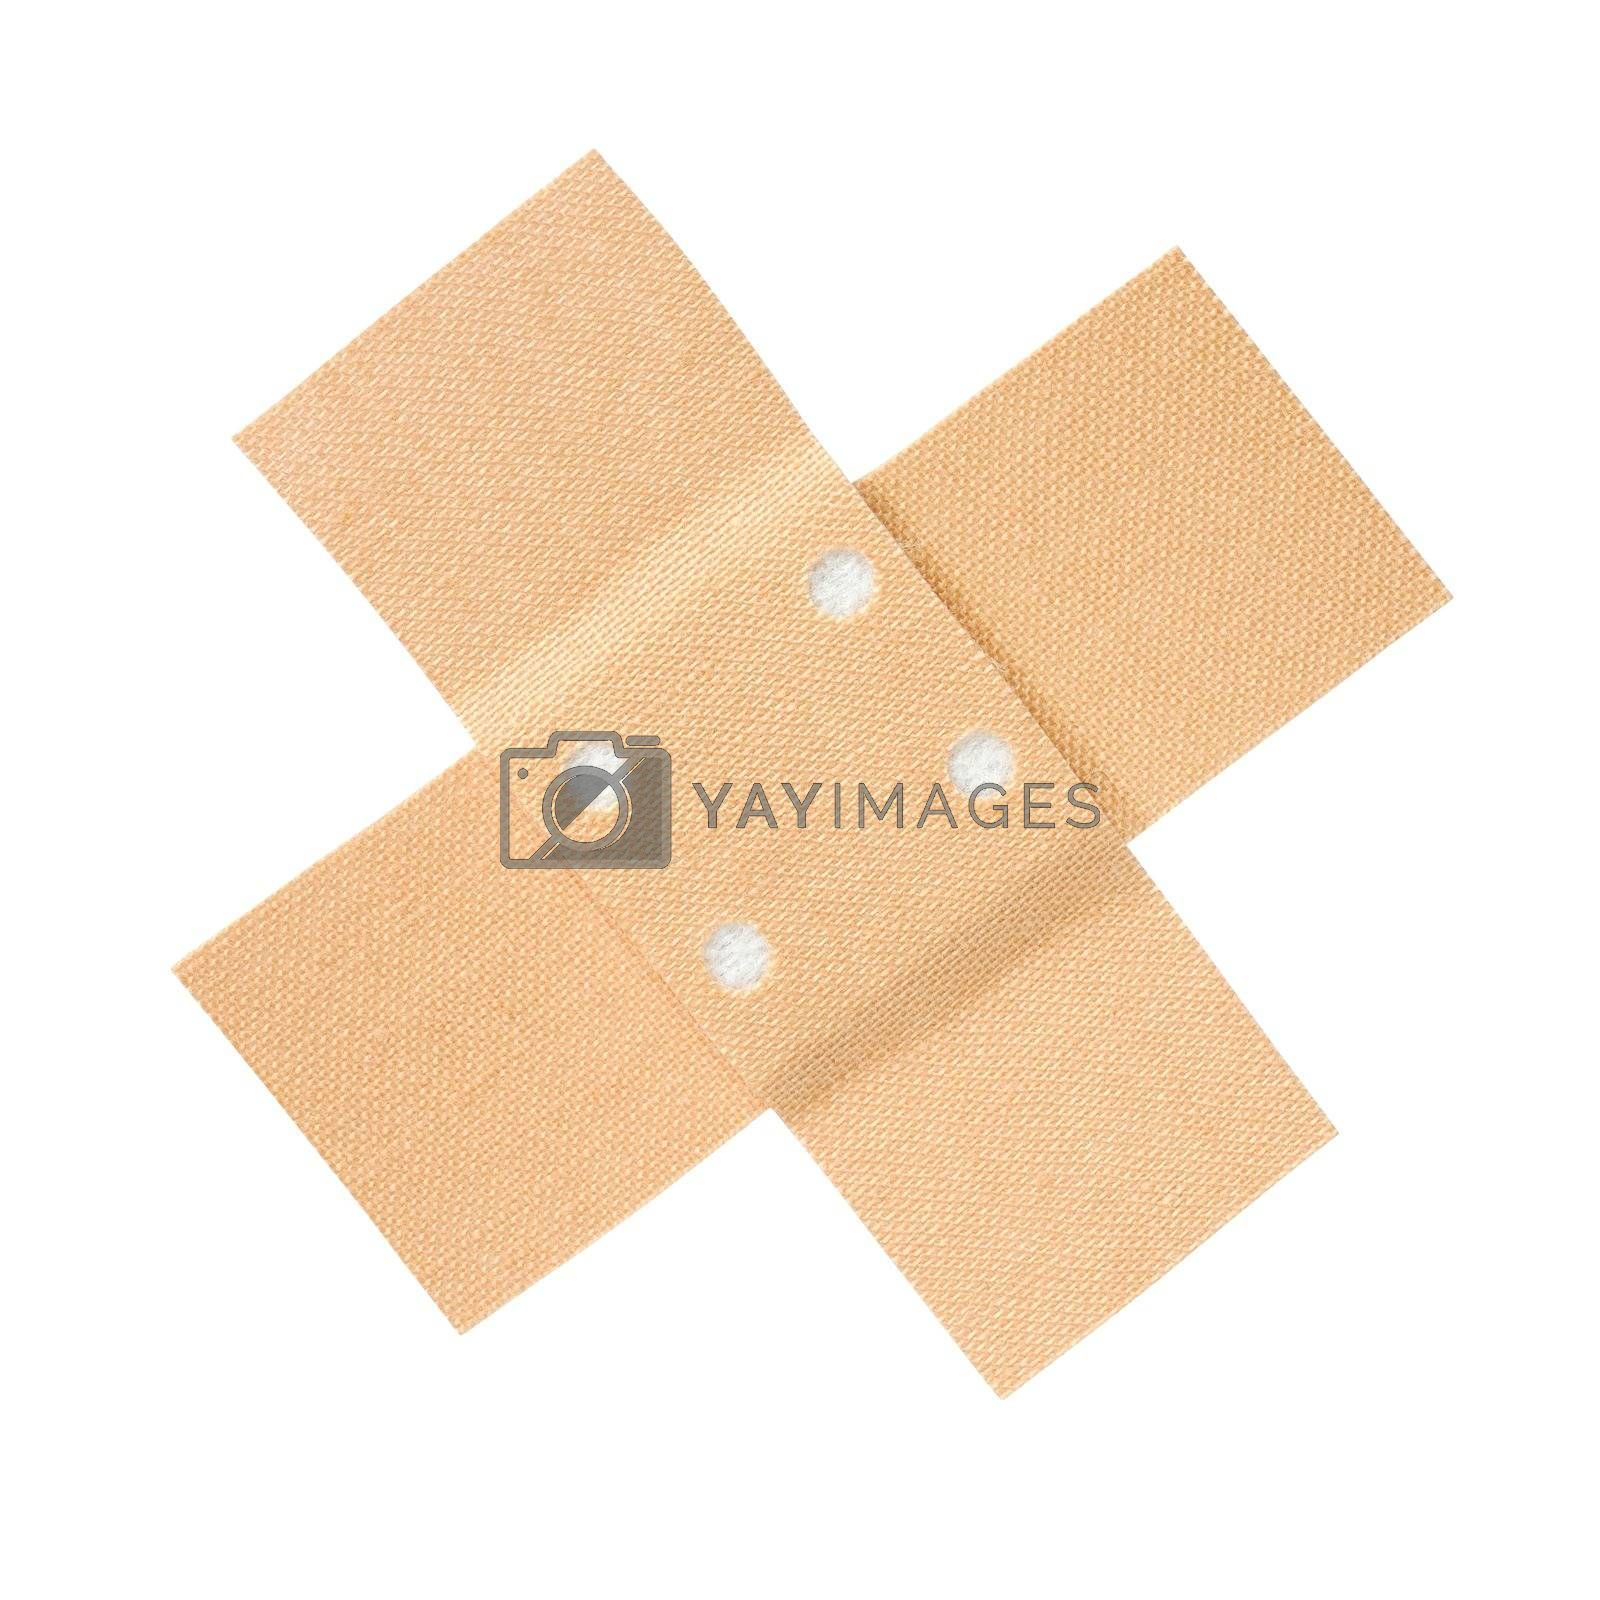 Isolated bandage